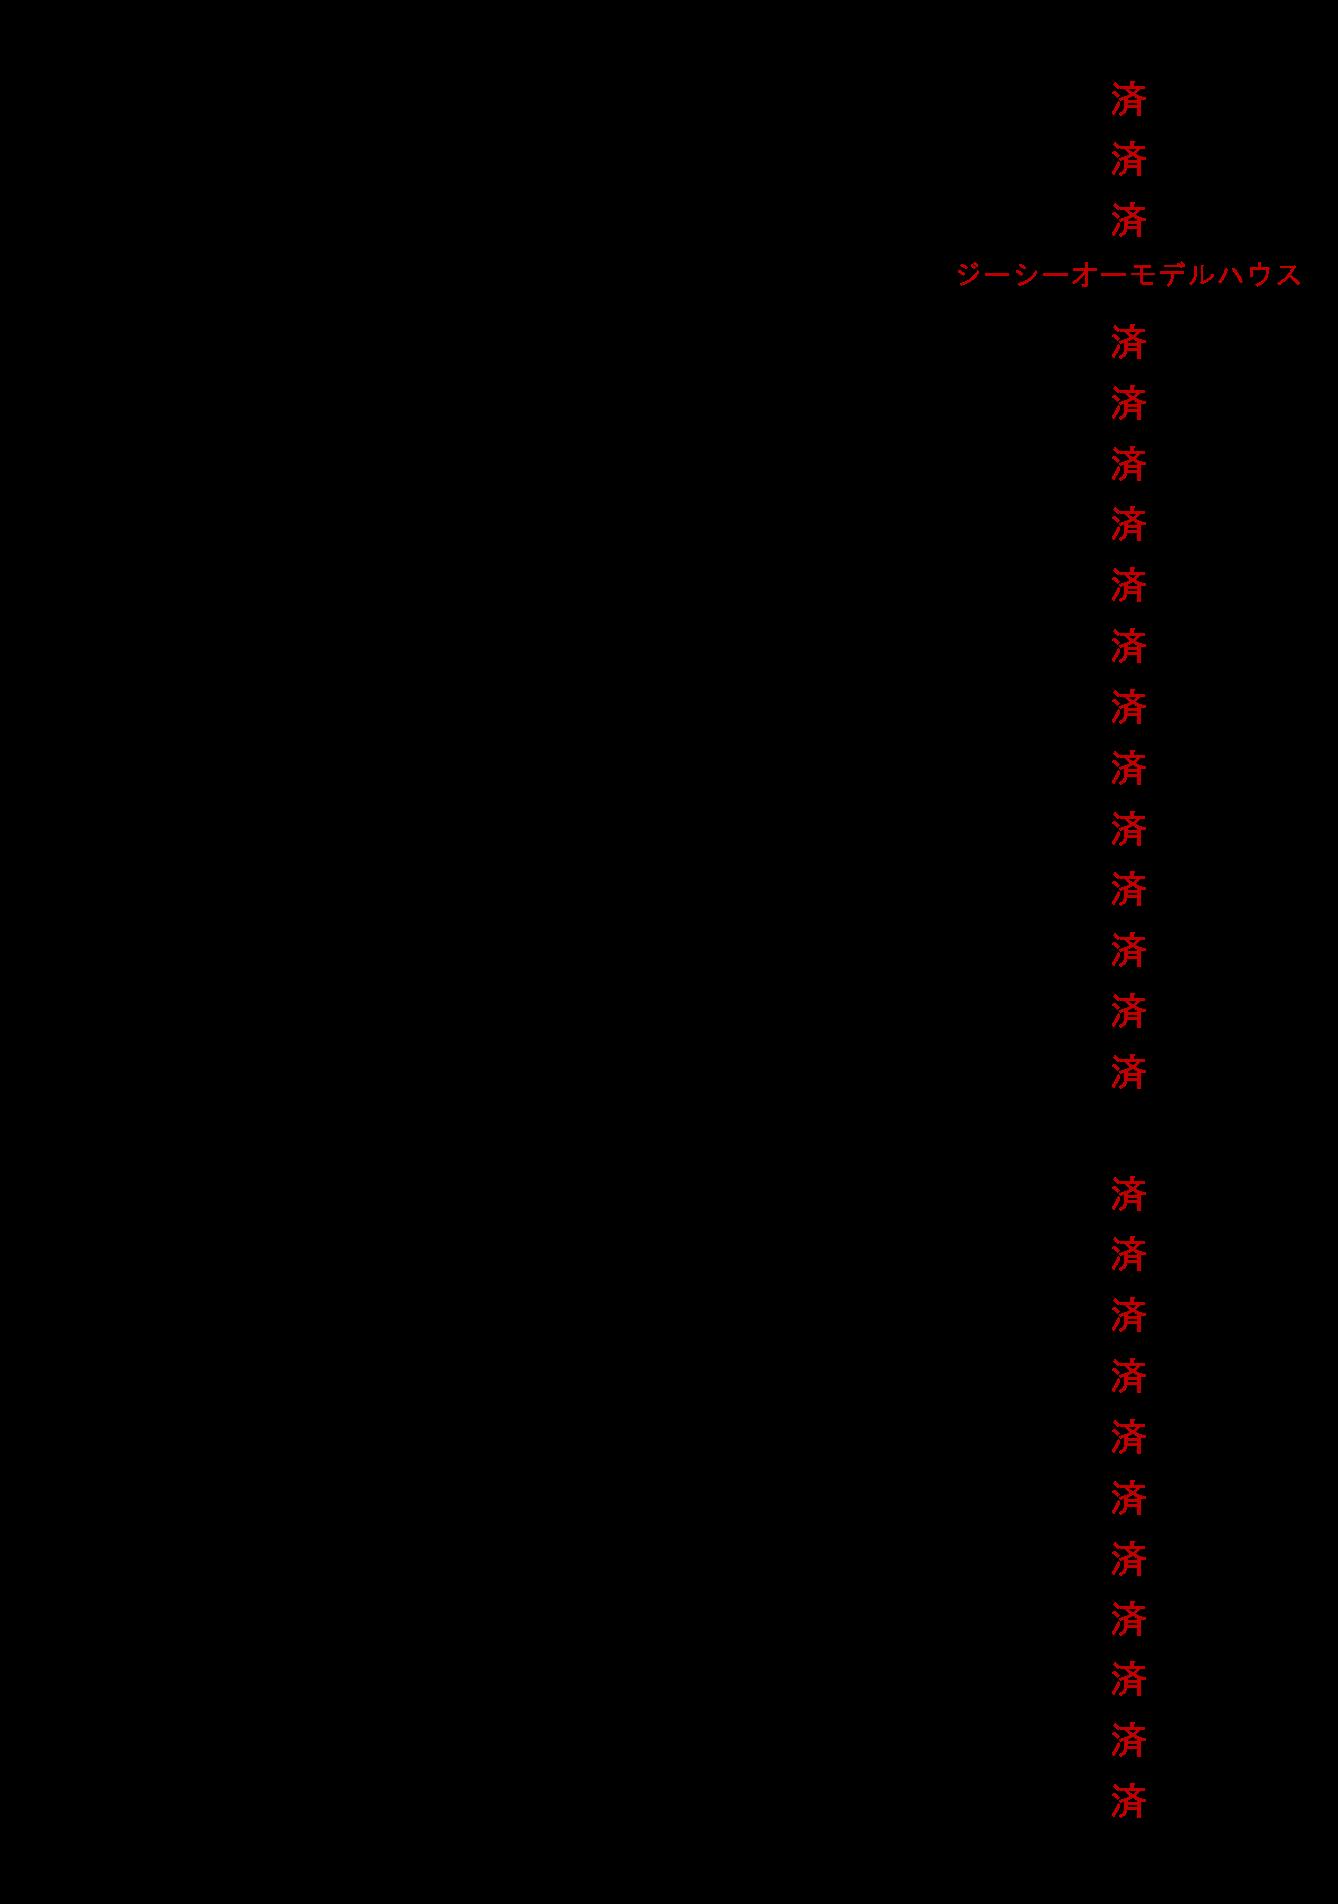 蔵波販売価格表